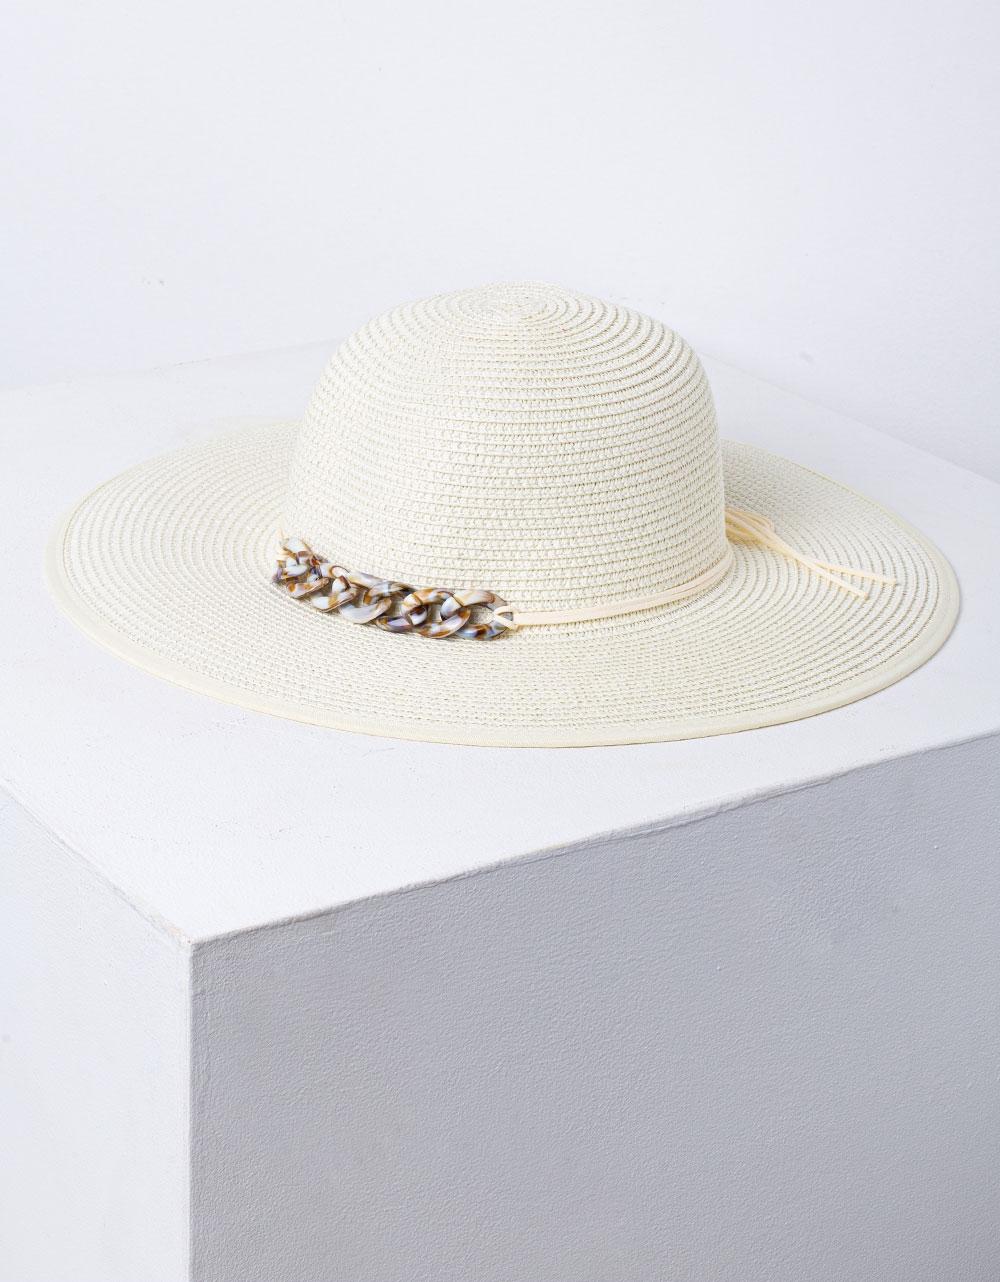 Εικόνα από Γυναικείο καπέλο ψάθινο με μεταλλική λεπτομέρεια Μπεζ